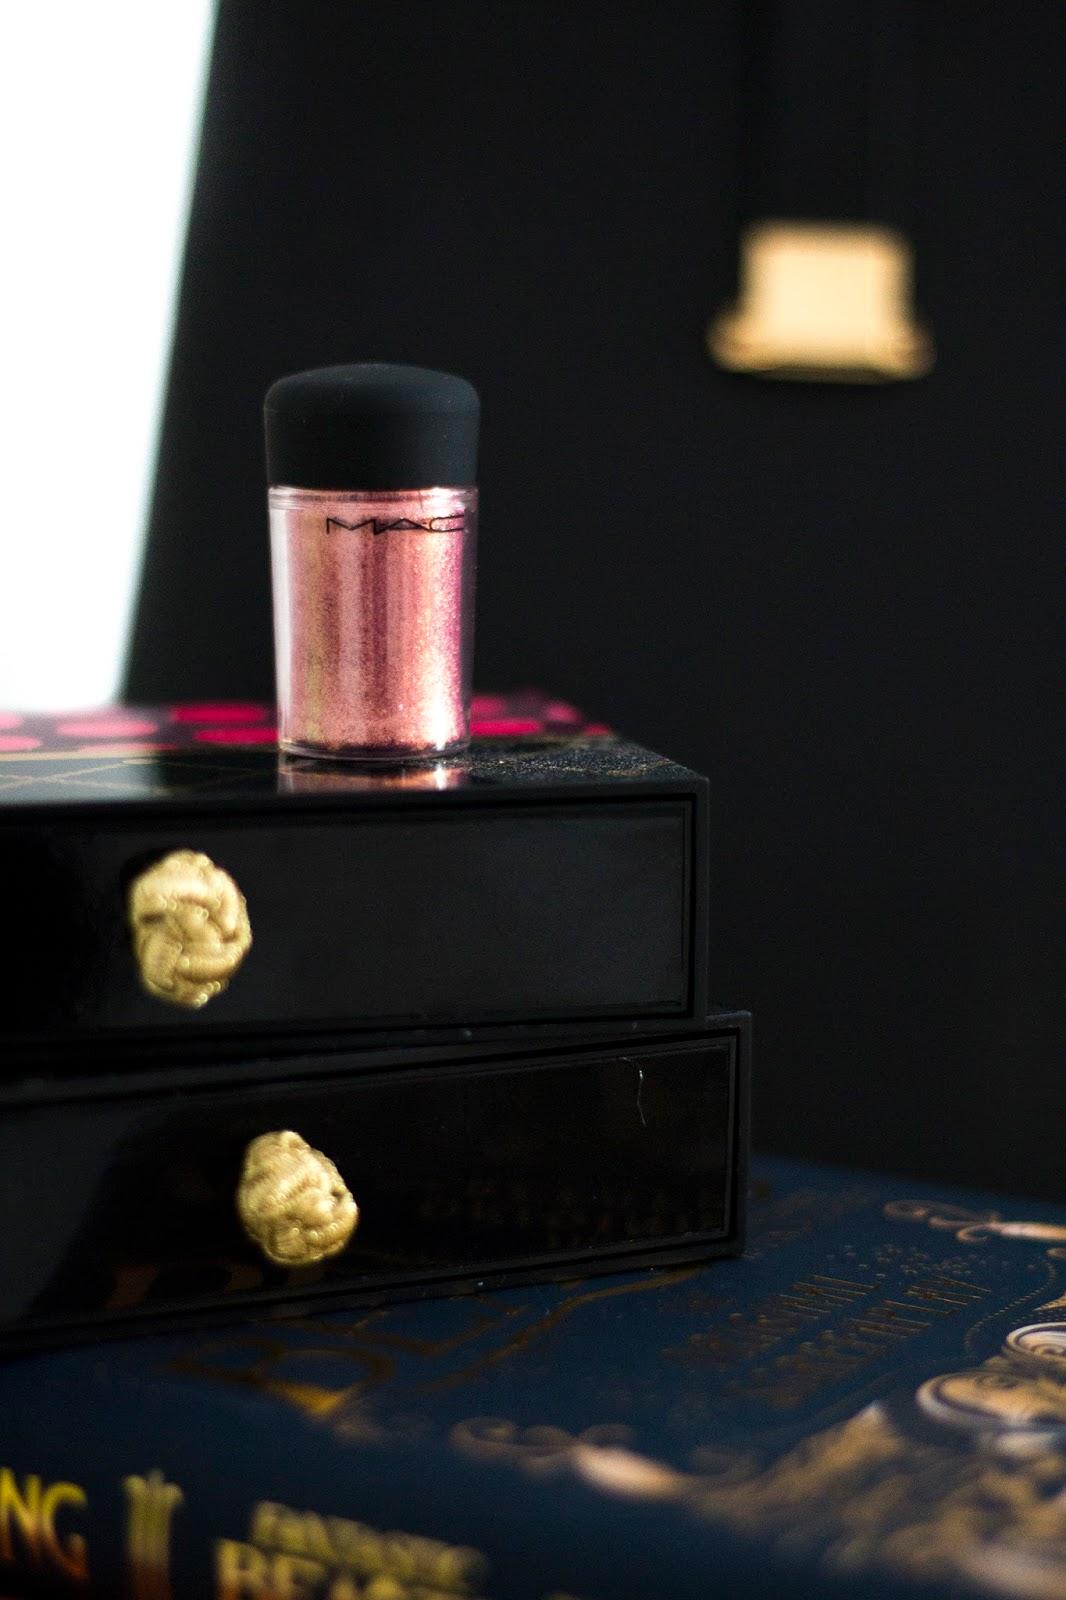 MAC Cosmetics pigment in Rose